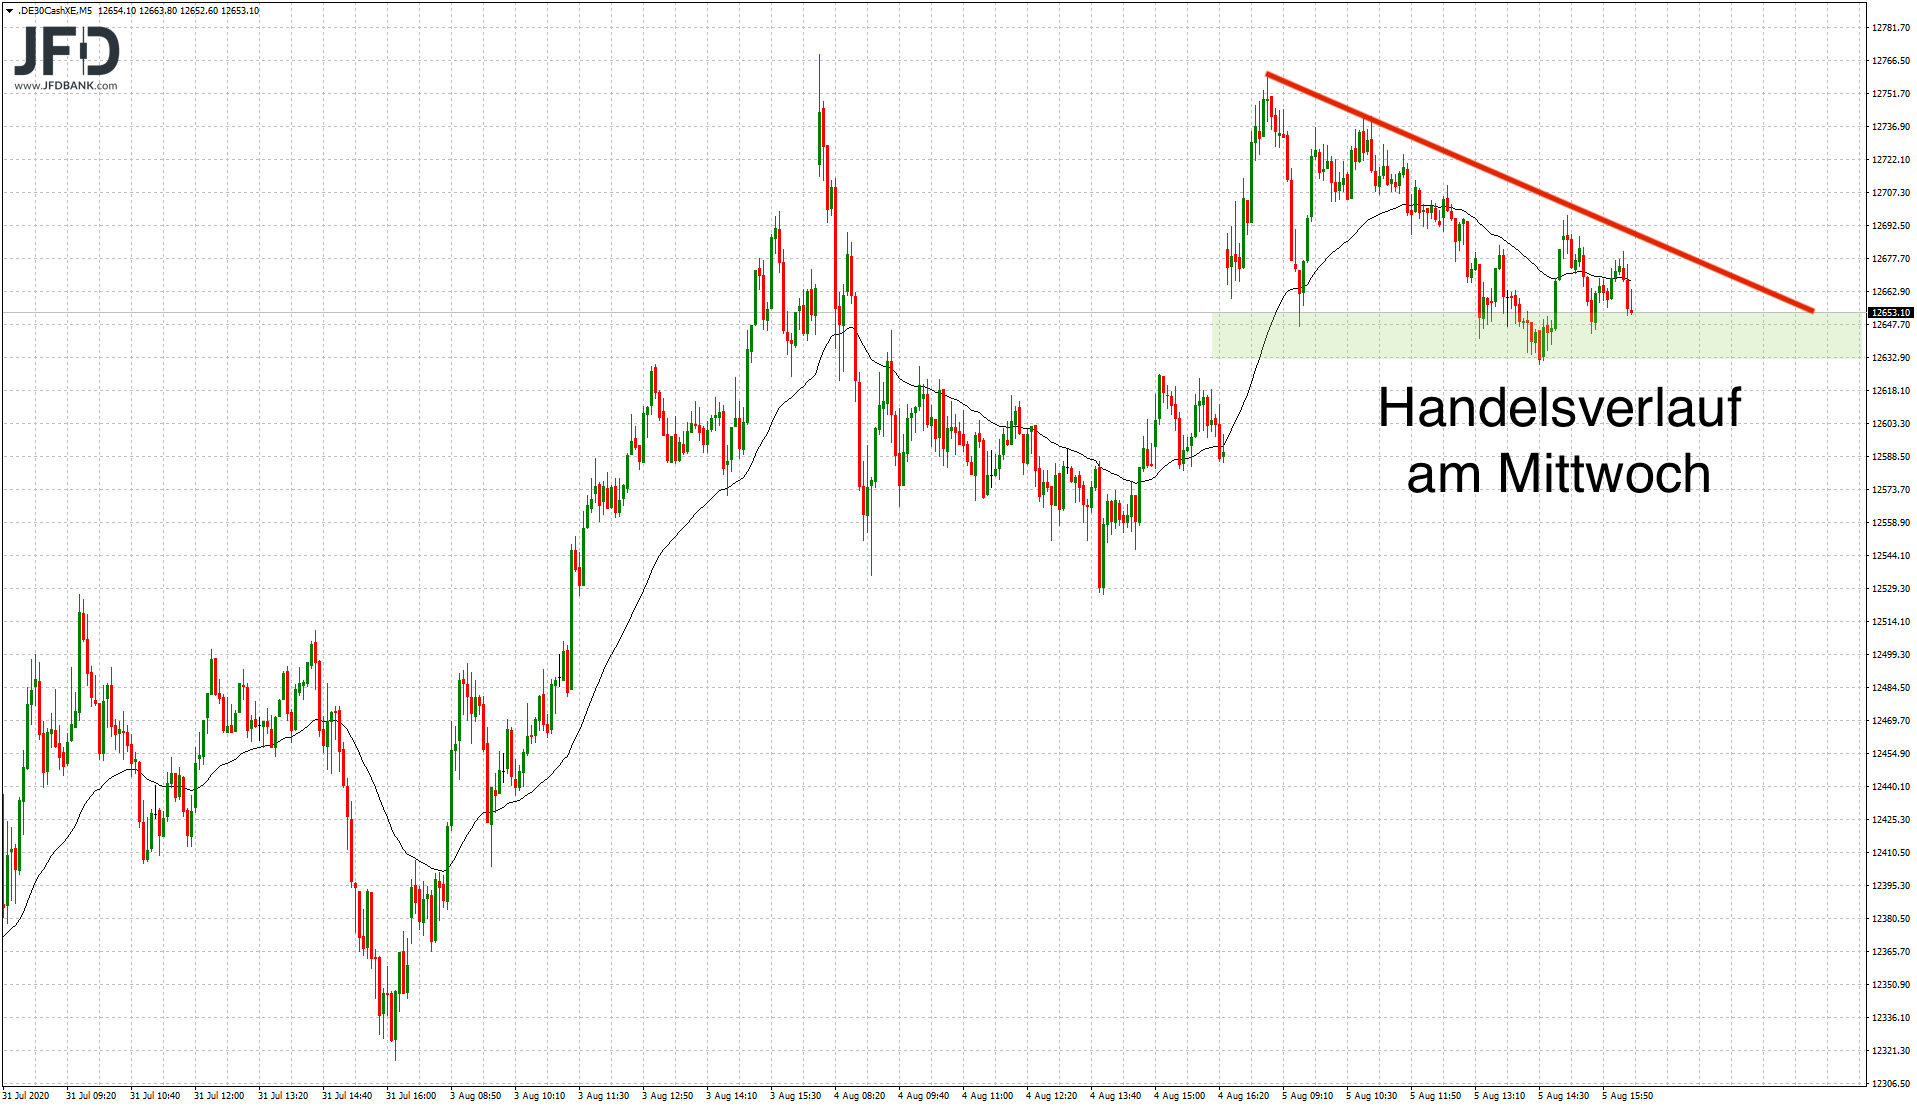 Trading-Chancen-am-DAX-Abwärtstrend-Kommentar-JFD-Bank-GodmodeTrader.de-3